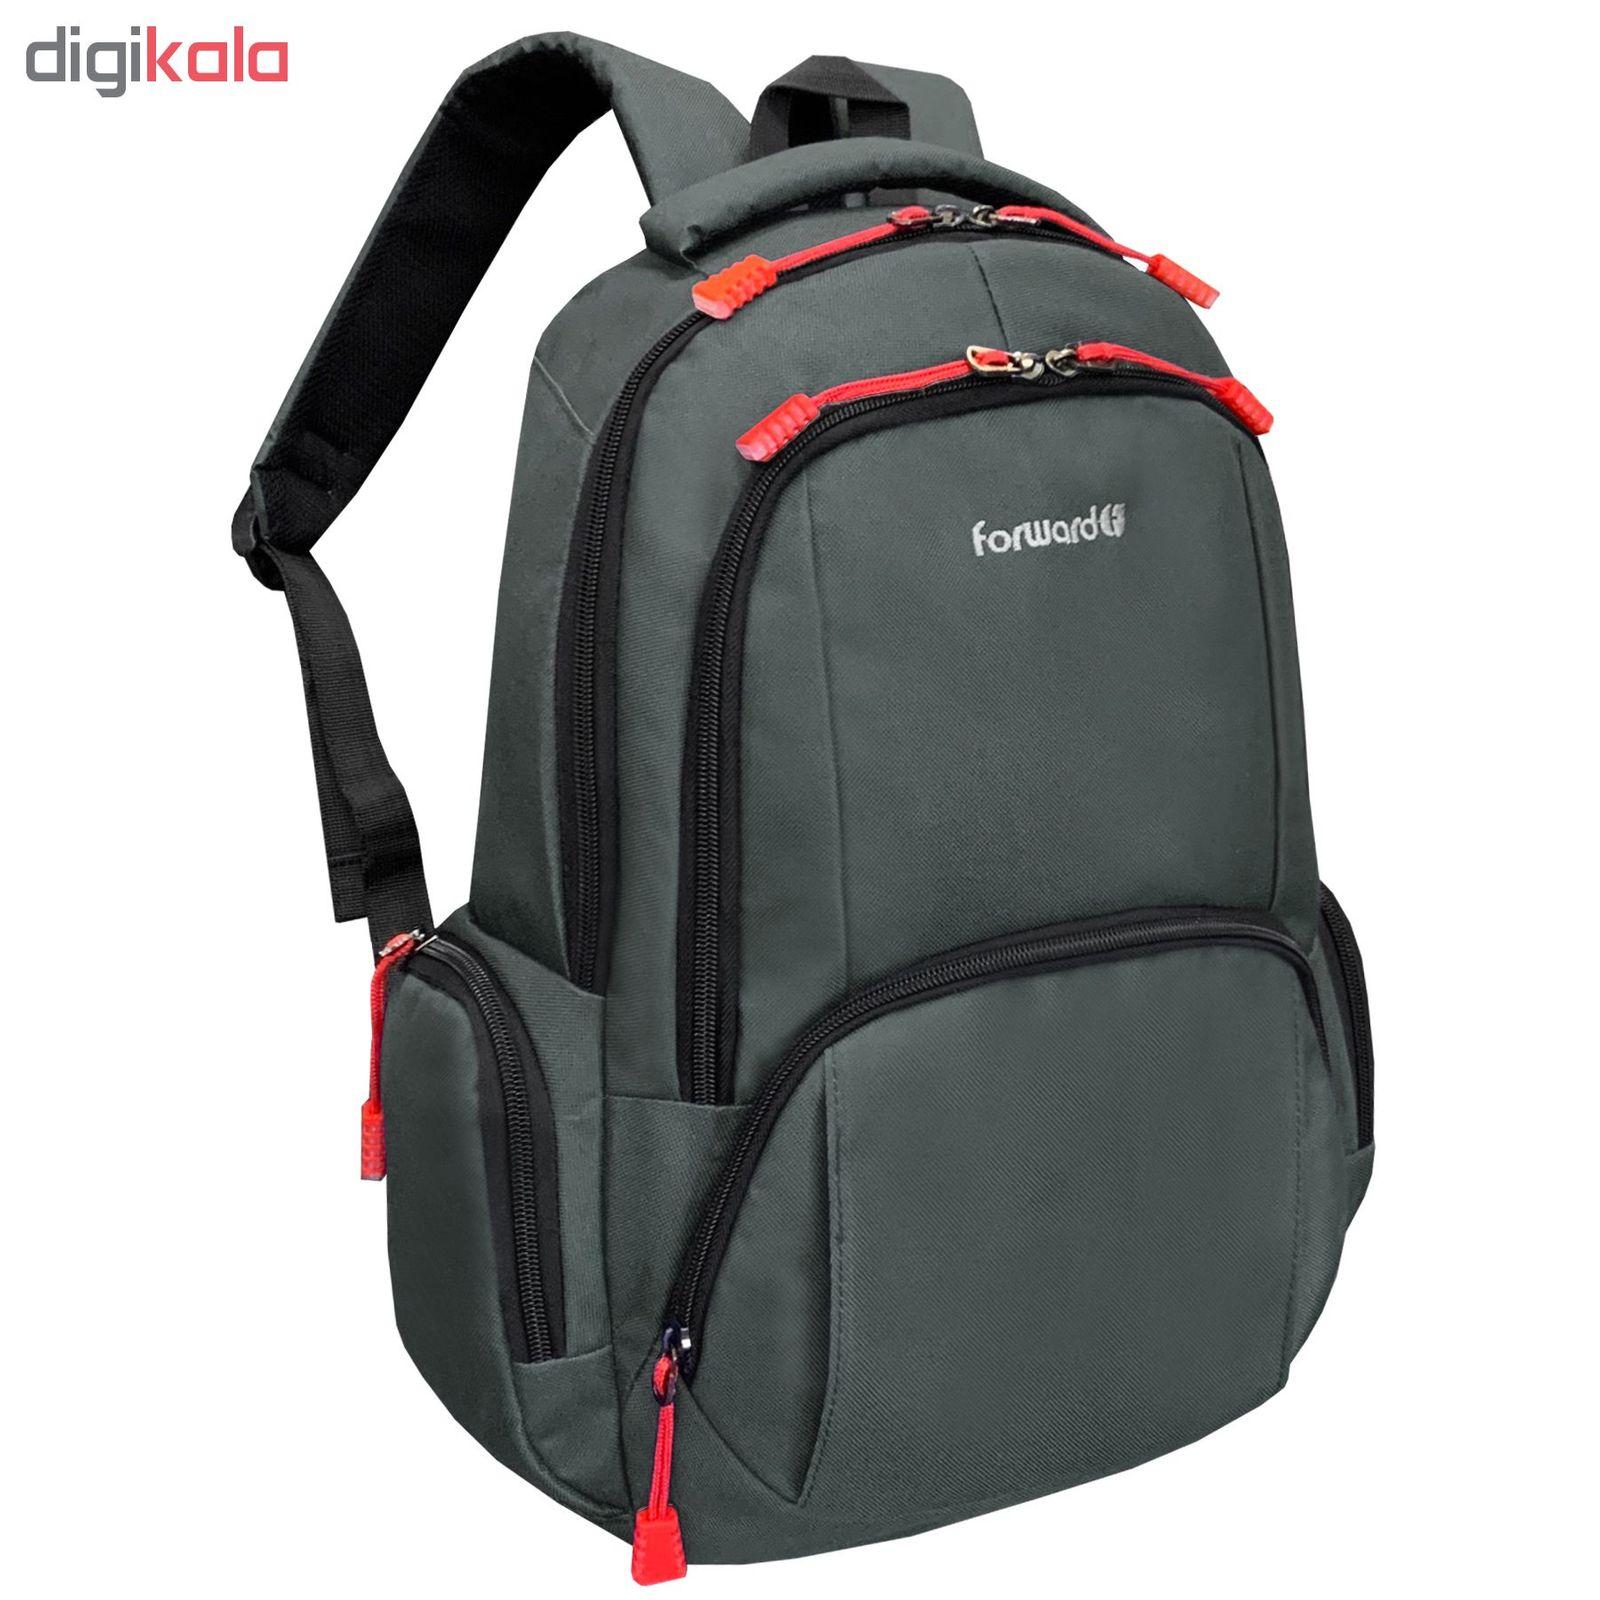 کوله پشتی لپ تاپ فوروارد مدل FCLT9006 مناسب برای لپ تاپ 16.4 اینچی main 1 2